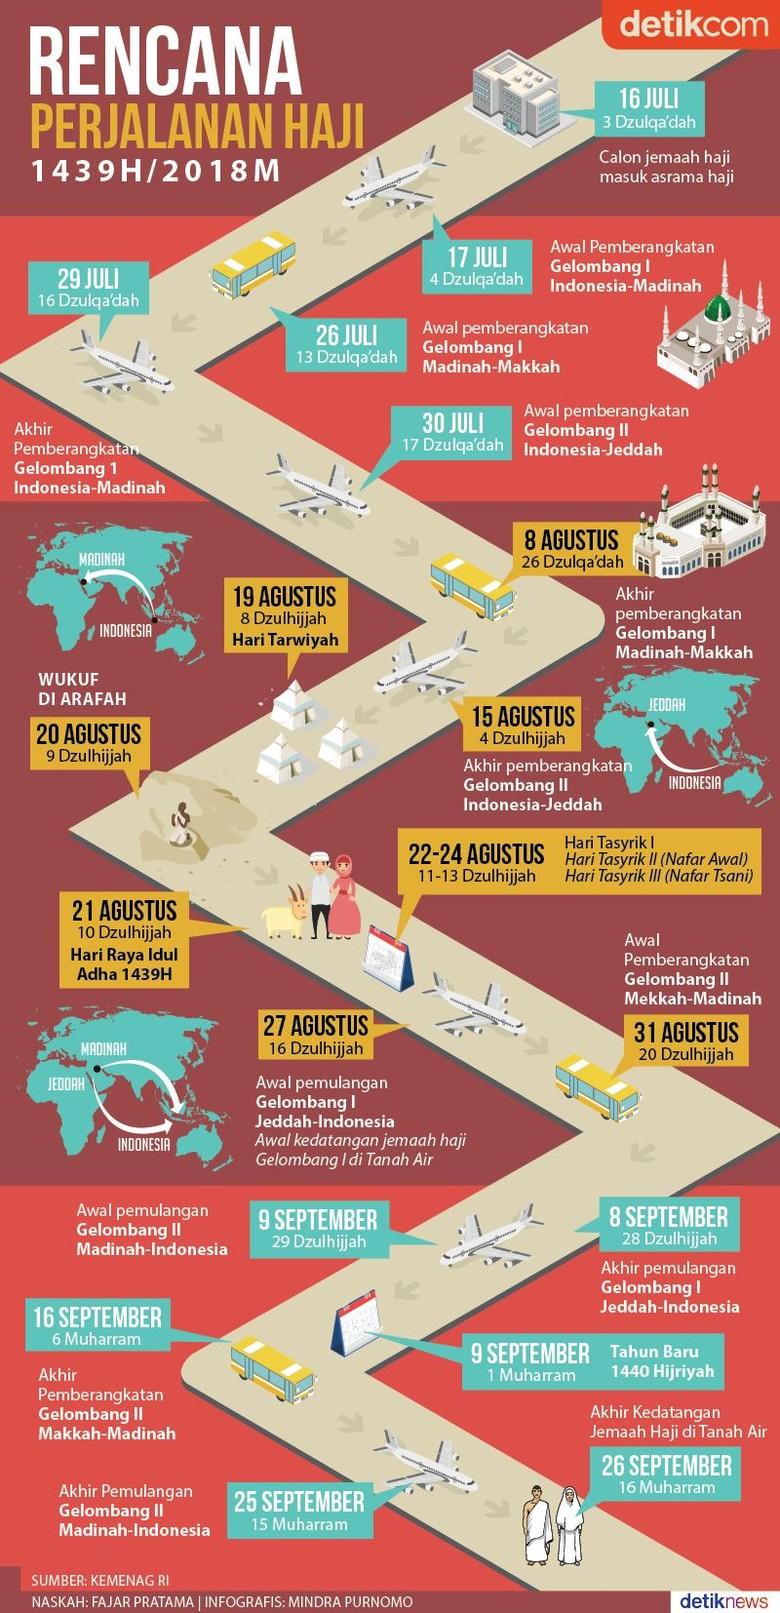 Jadwal Perjalanan Haji Indonesia 2018